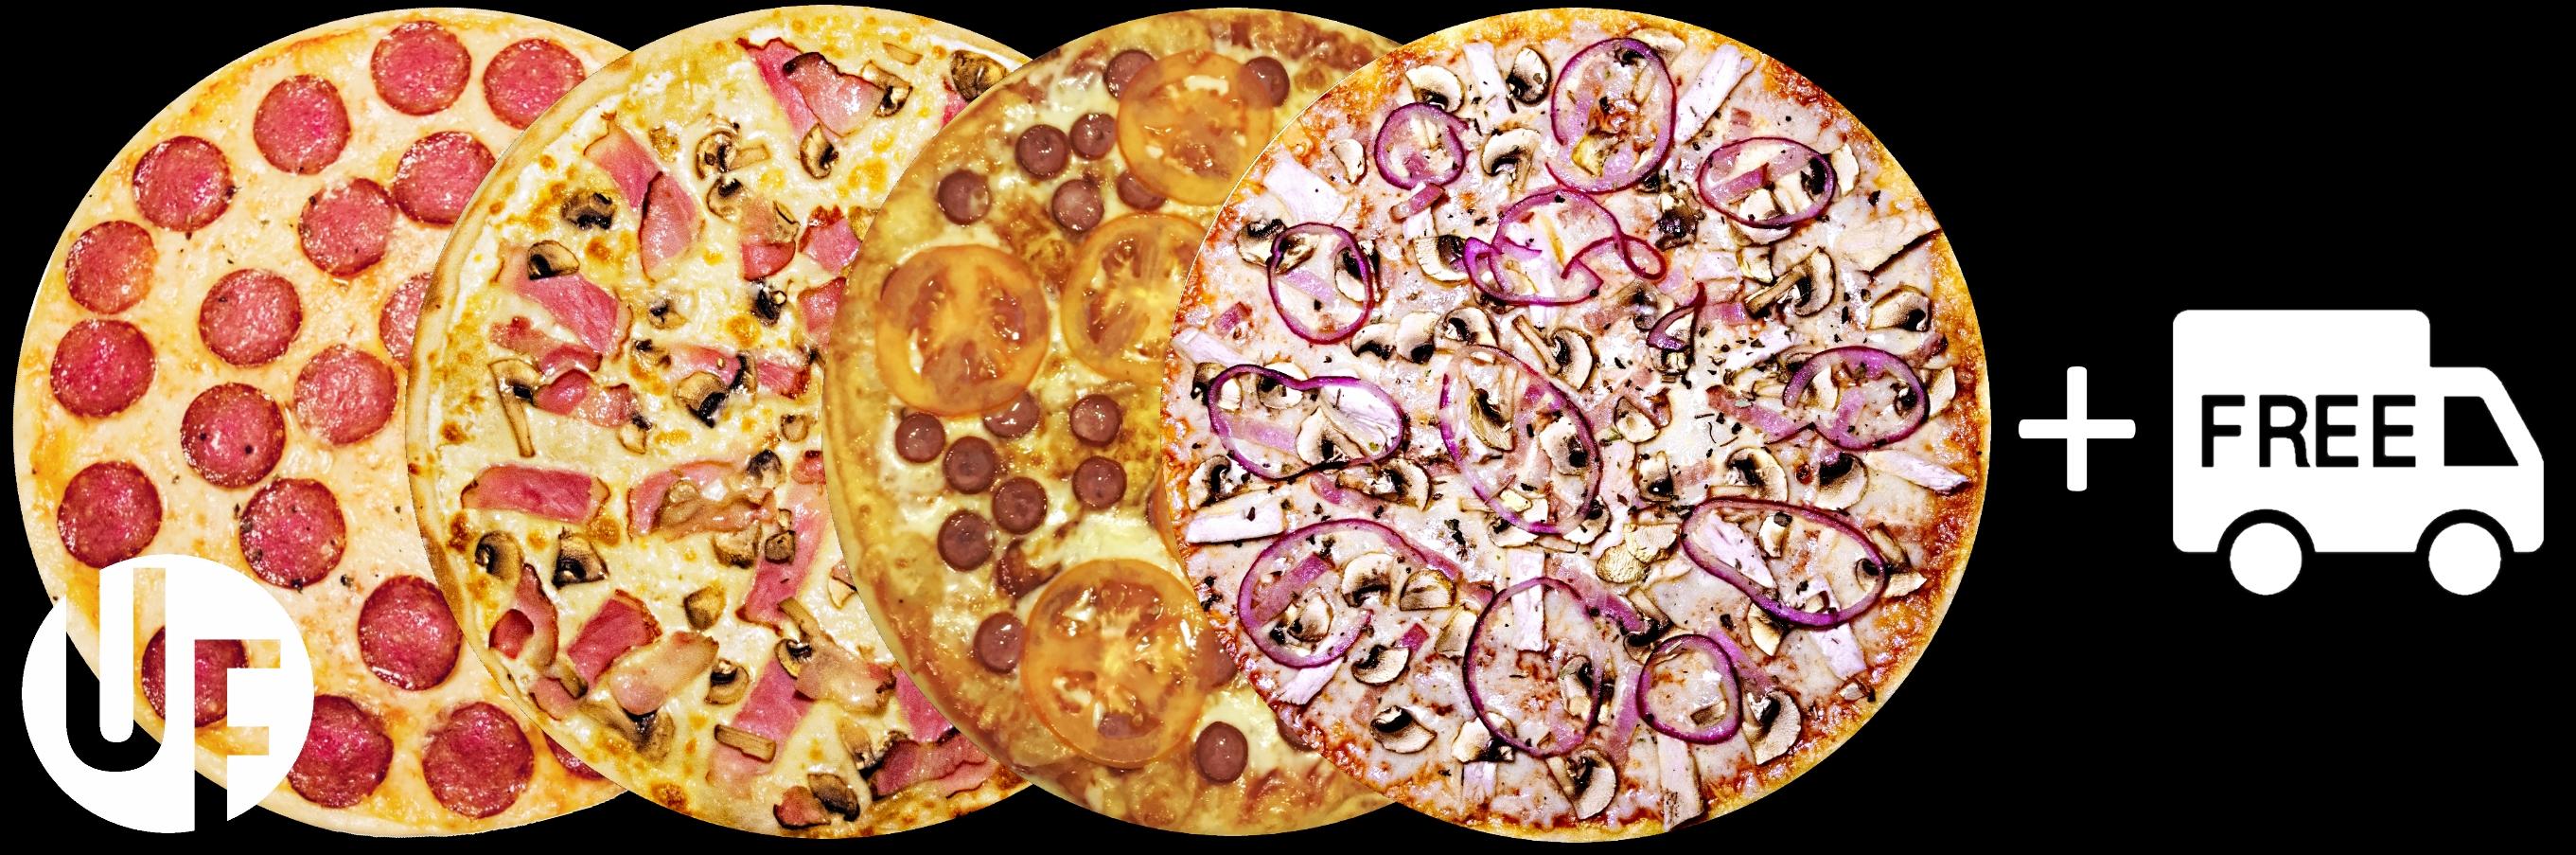 Пицца с доставкой и на вынос от Urbanfood.by всего от 5 руб/до 580 г